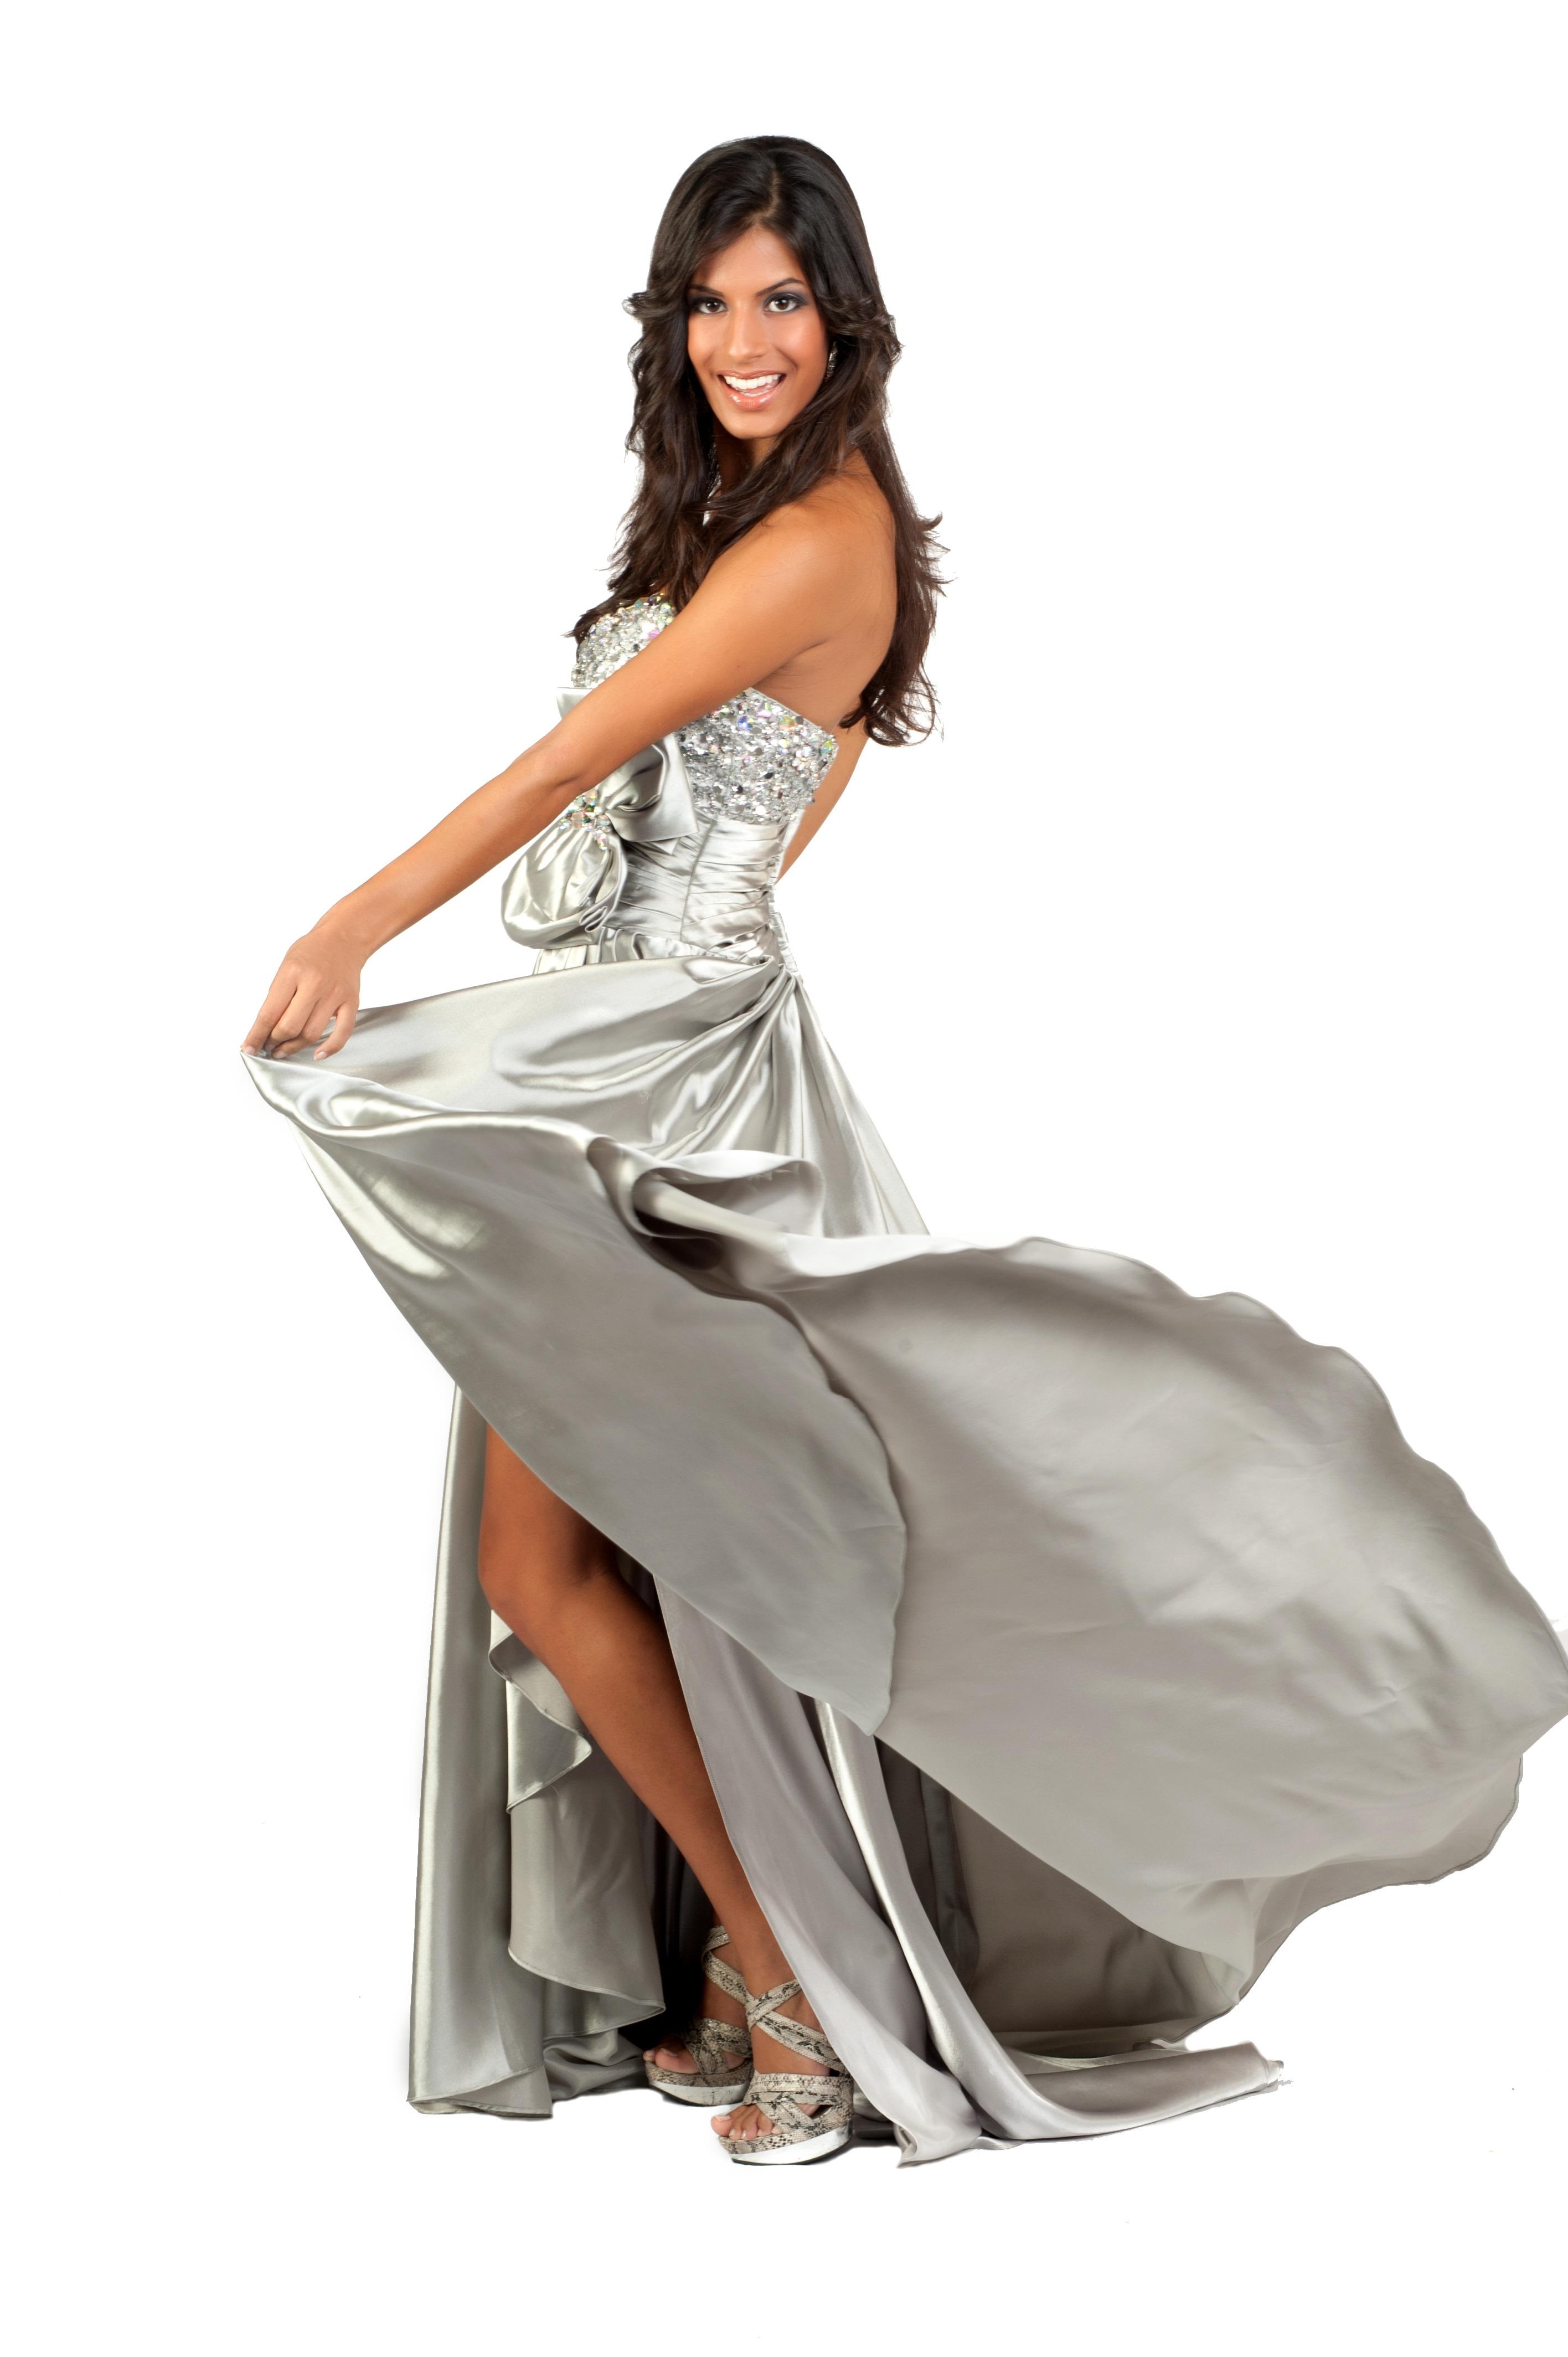 Эротика с моделями в шикарных вечерних платьях 4 фотография